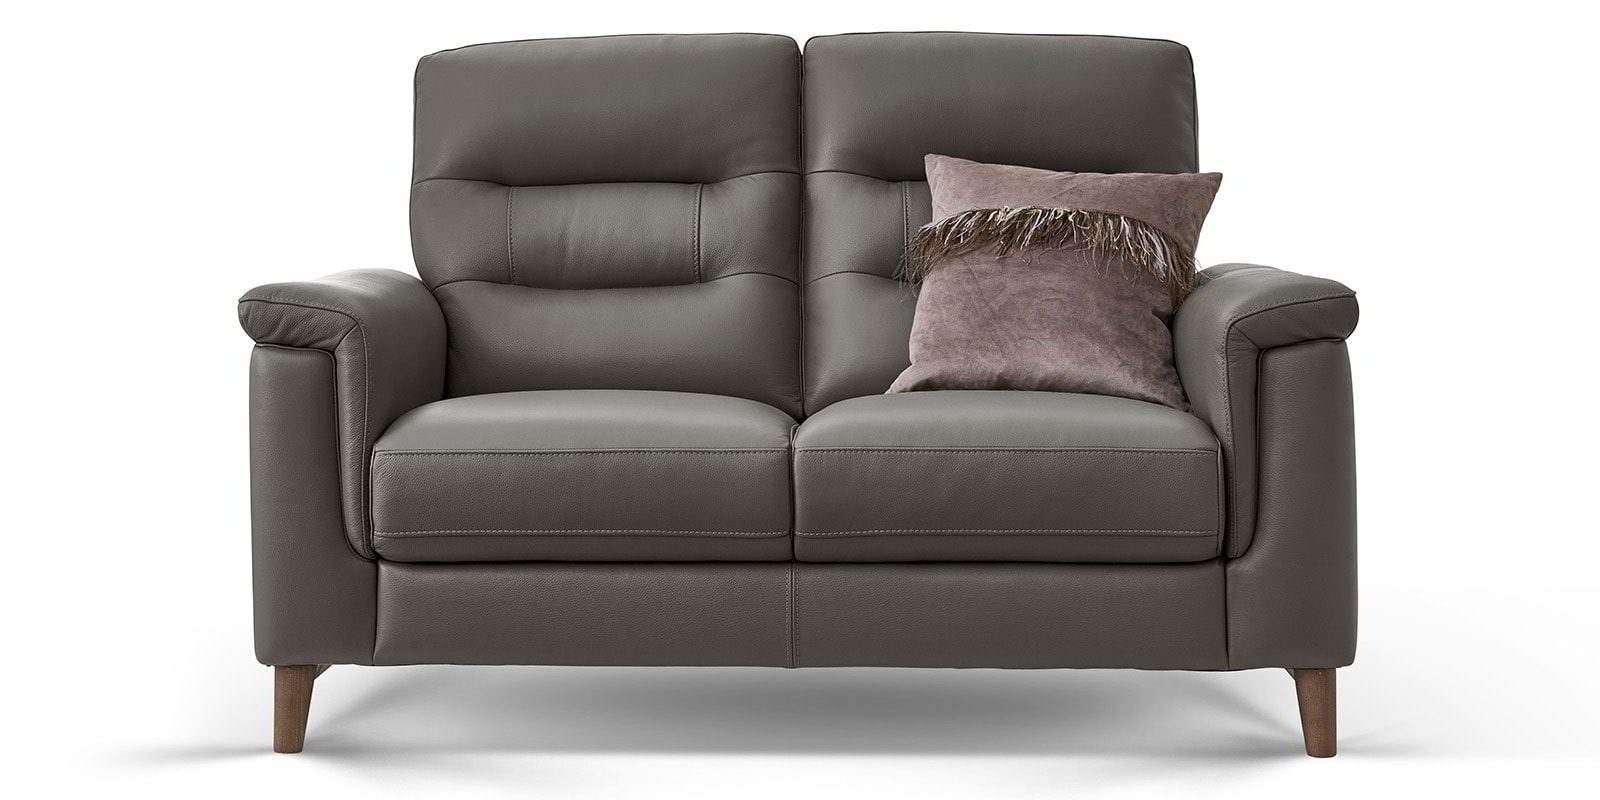 Ansprechend Elektrisches Sofa Galerie Von 2-sitzer-sofa-ledersofa-elektrisch-verstellbar-madrid-grau-2